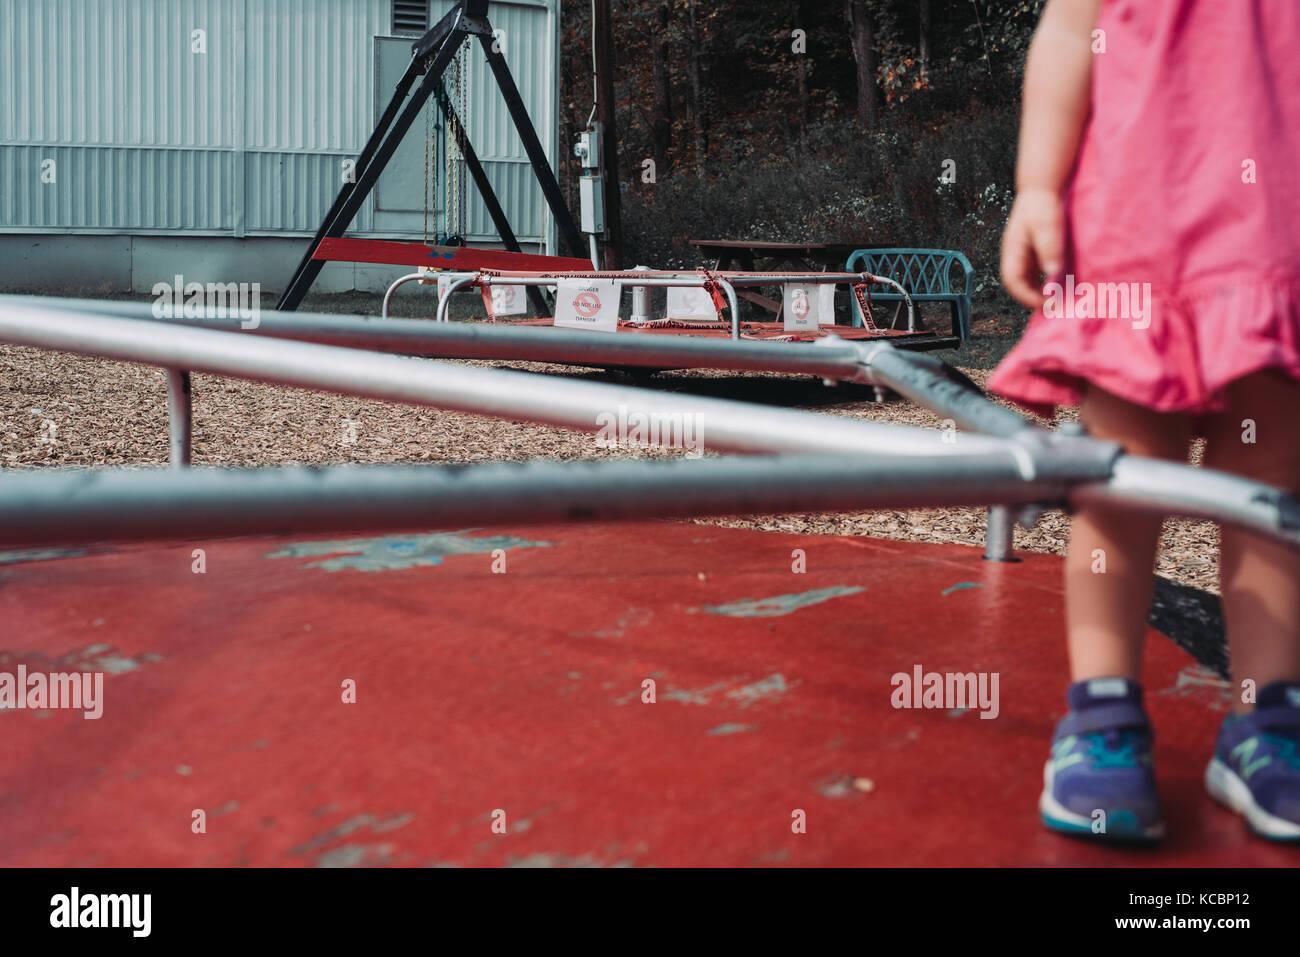 Un bambin se dresse sur un merry go round sur un terrain de faible revenu Photo Stock